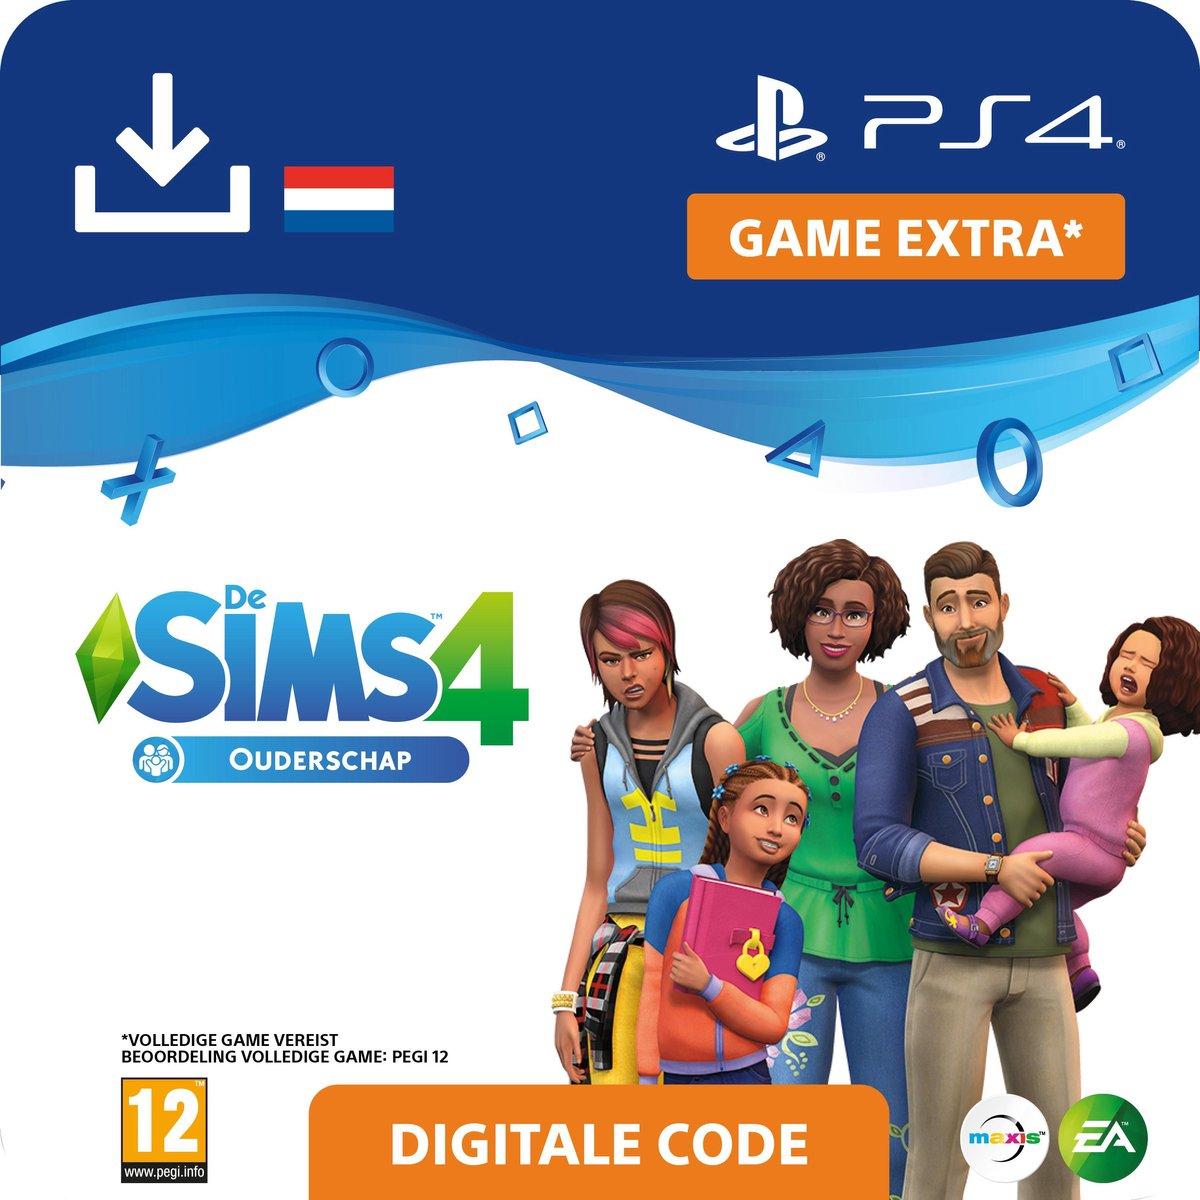 De Sims 4 - uitbreidingsset - Ouderschap - NL - PS4 download